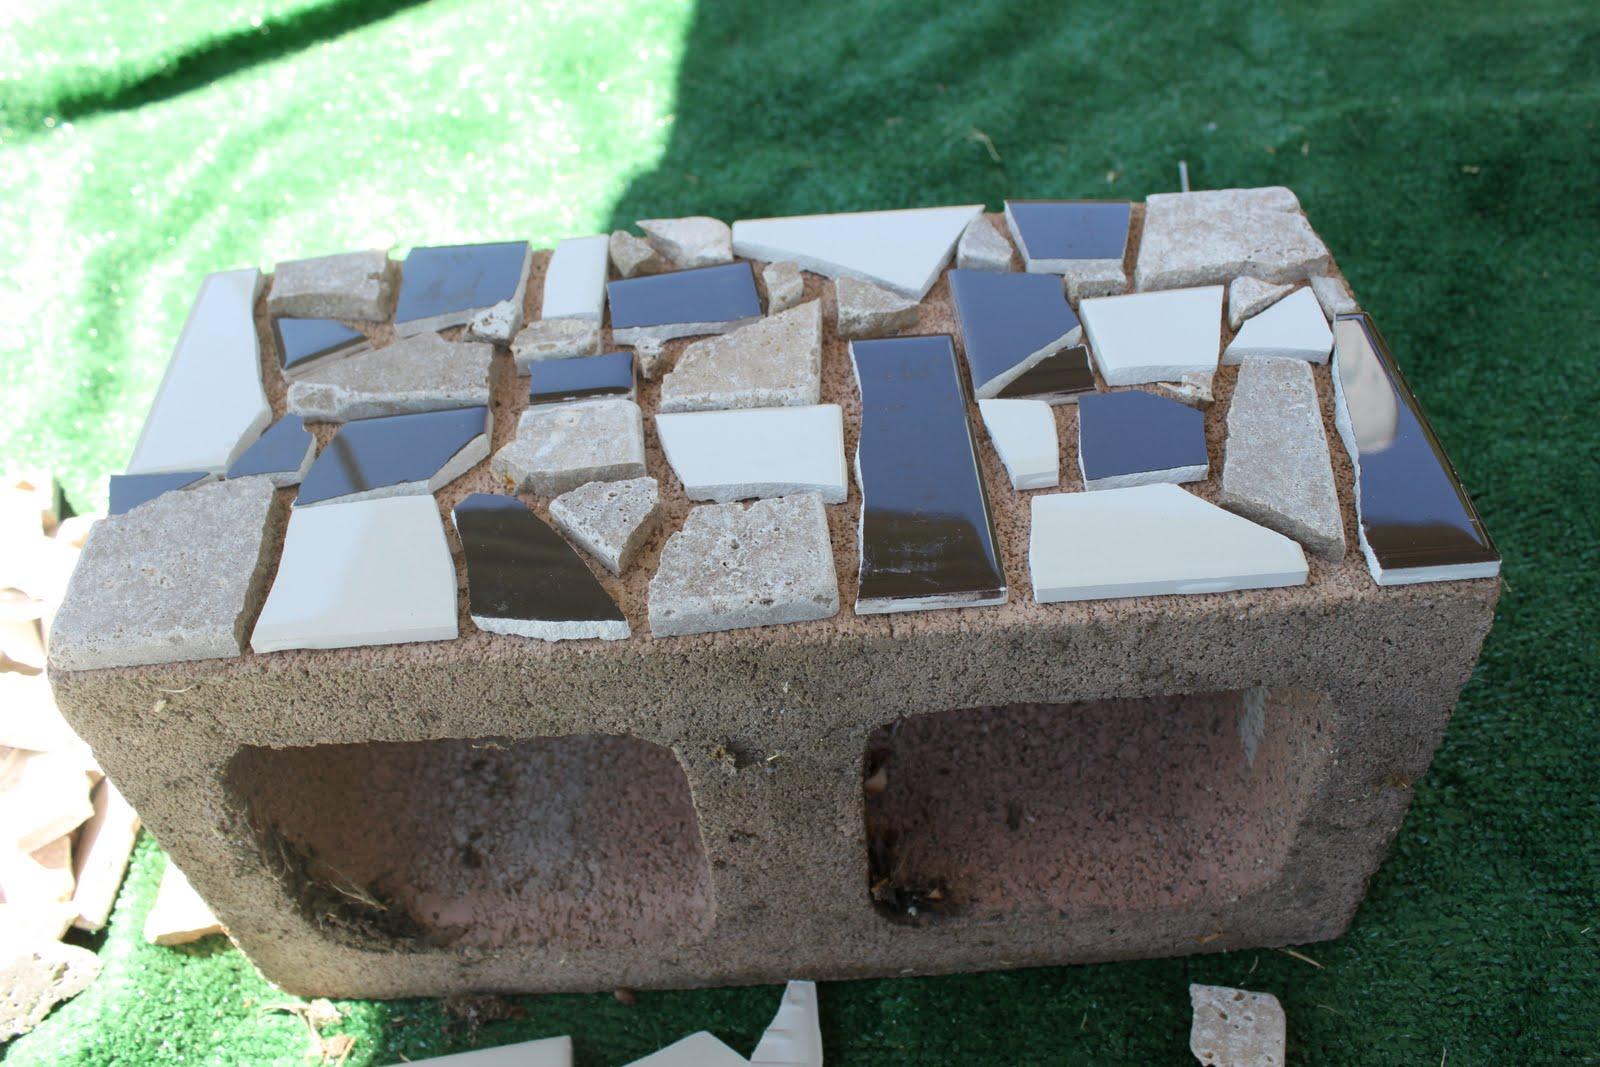 Mosaic Cinder Block Planter- Part One - Delicate Construction